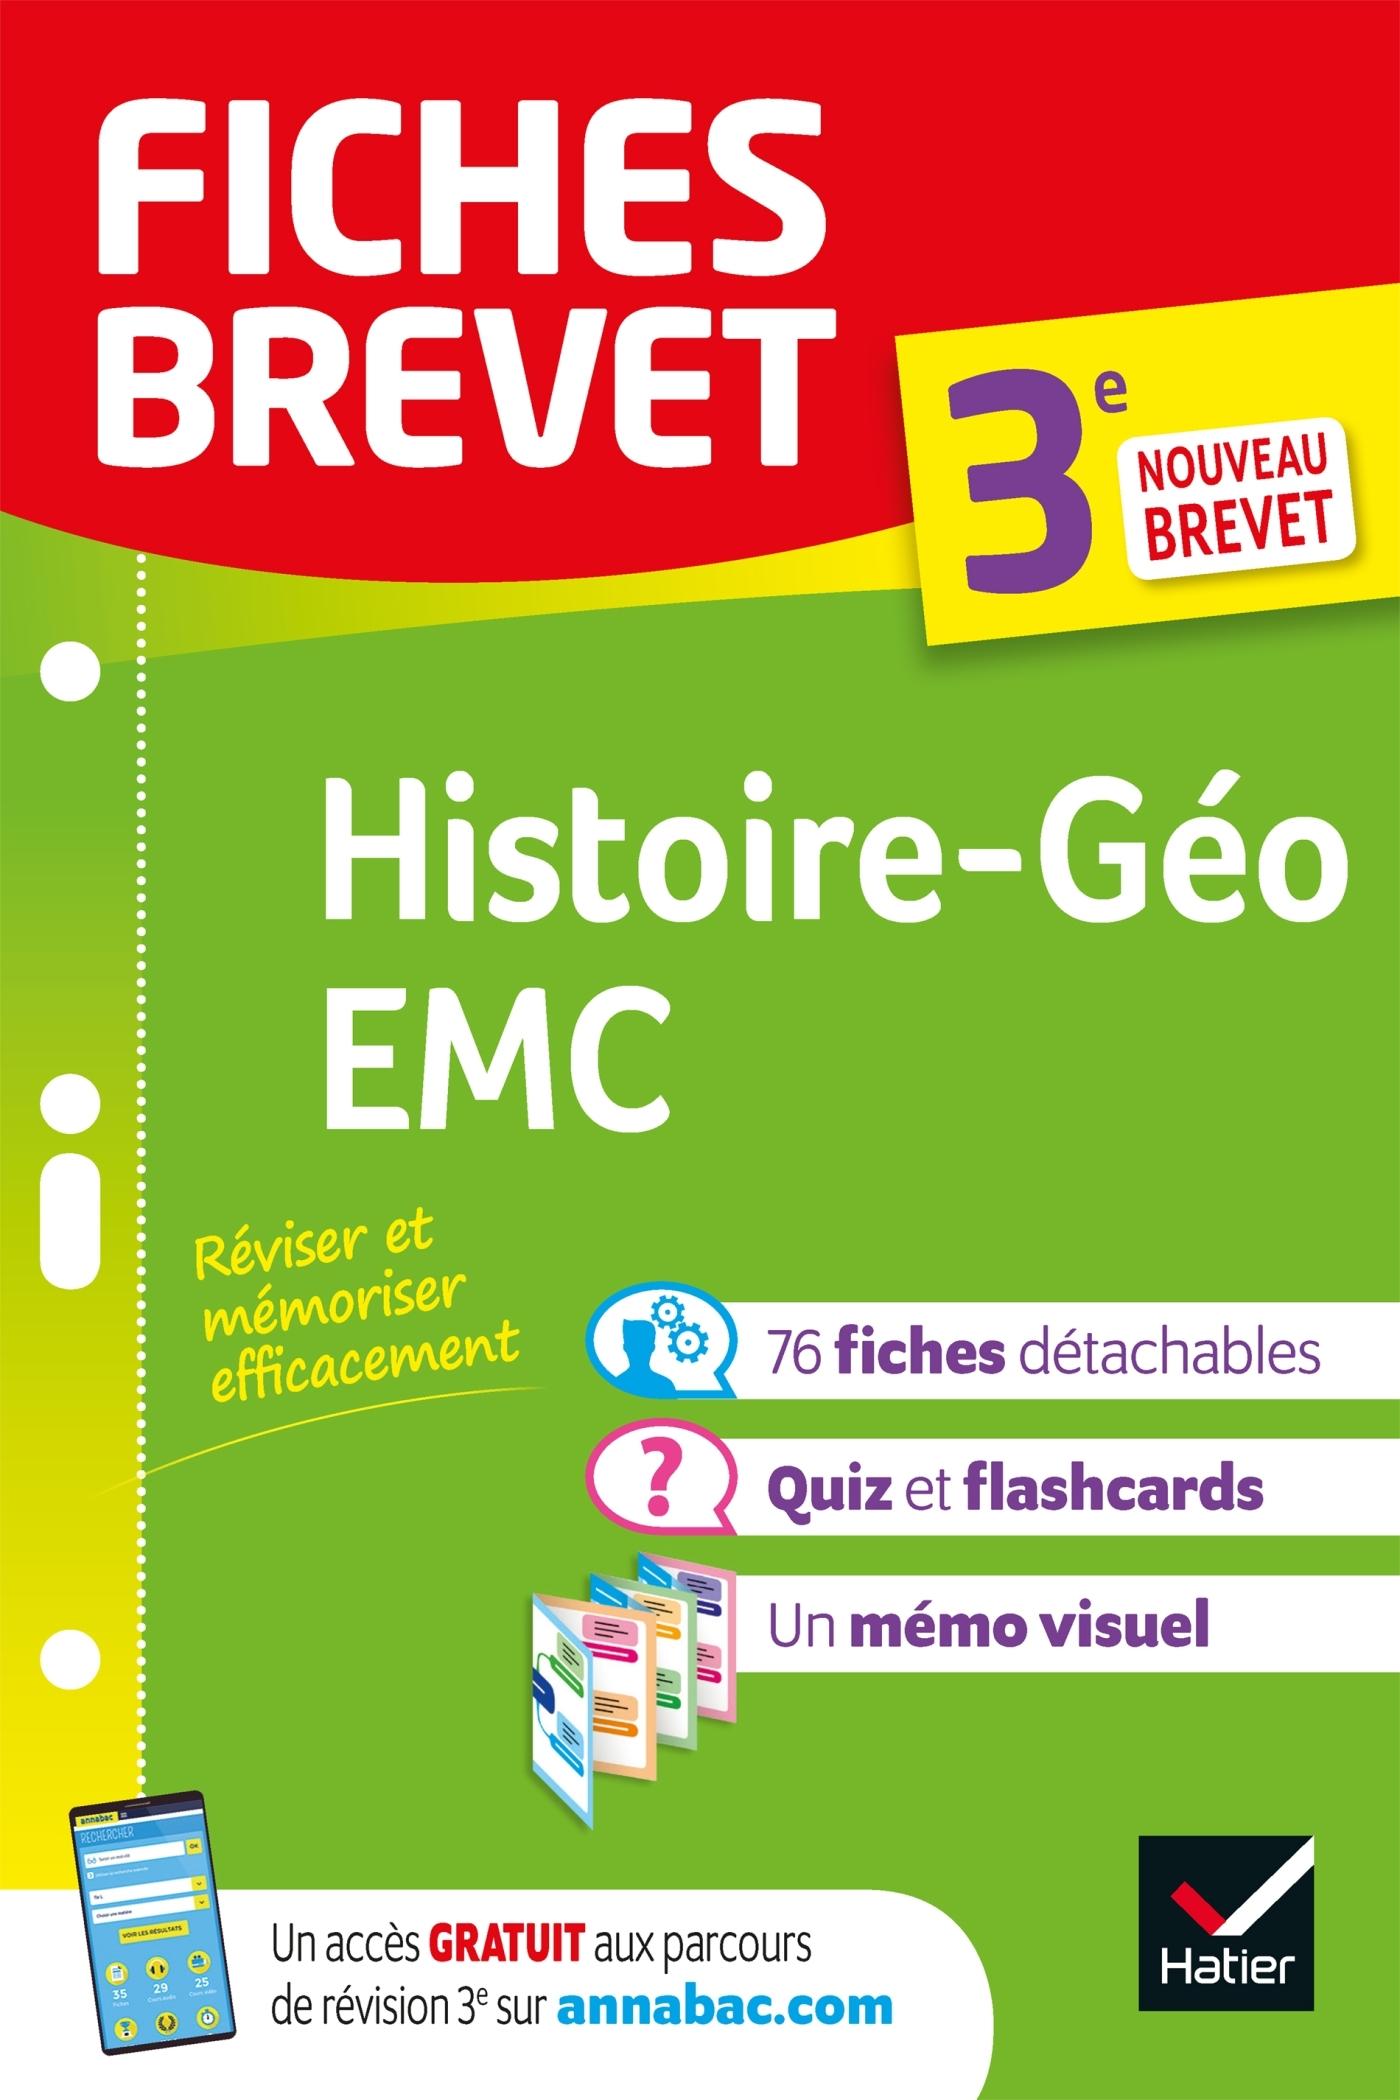 FICHES BREVET HISTOIRE-GEOGRAPHIE EMC 3E - FICHES DE REVISION POUR LE NOUVEAU BREVET